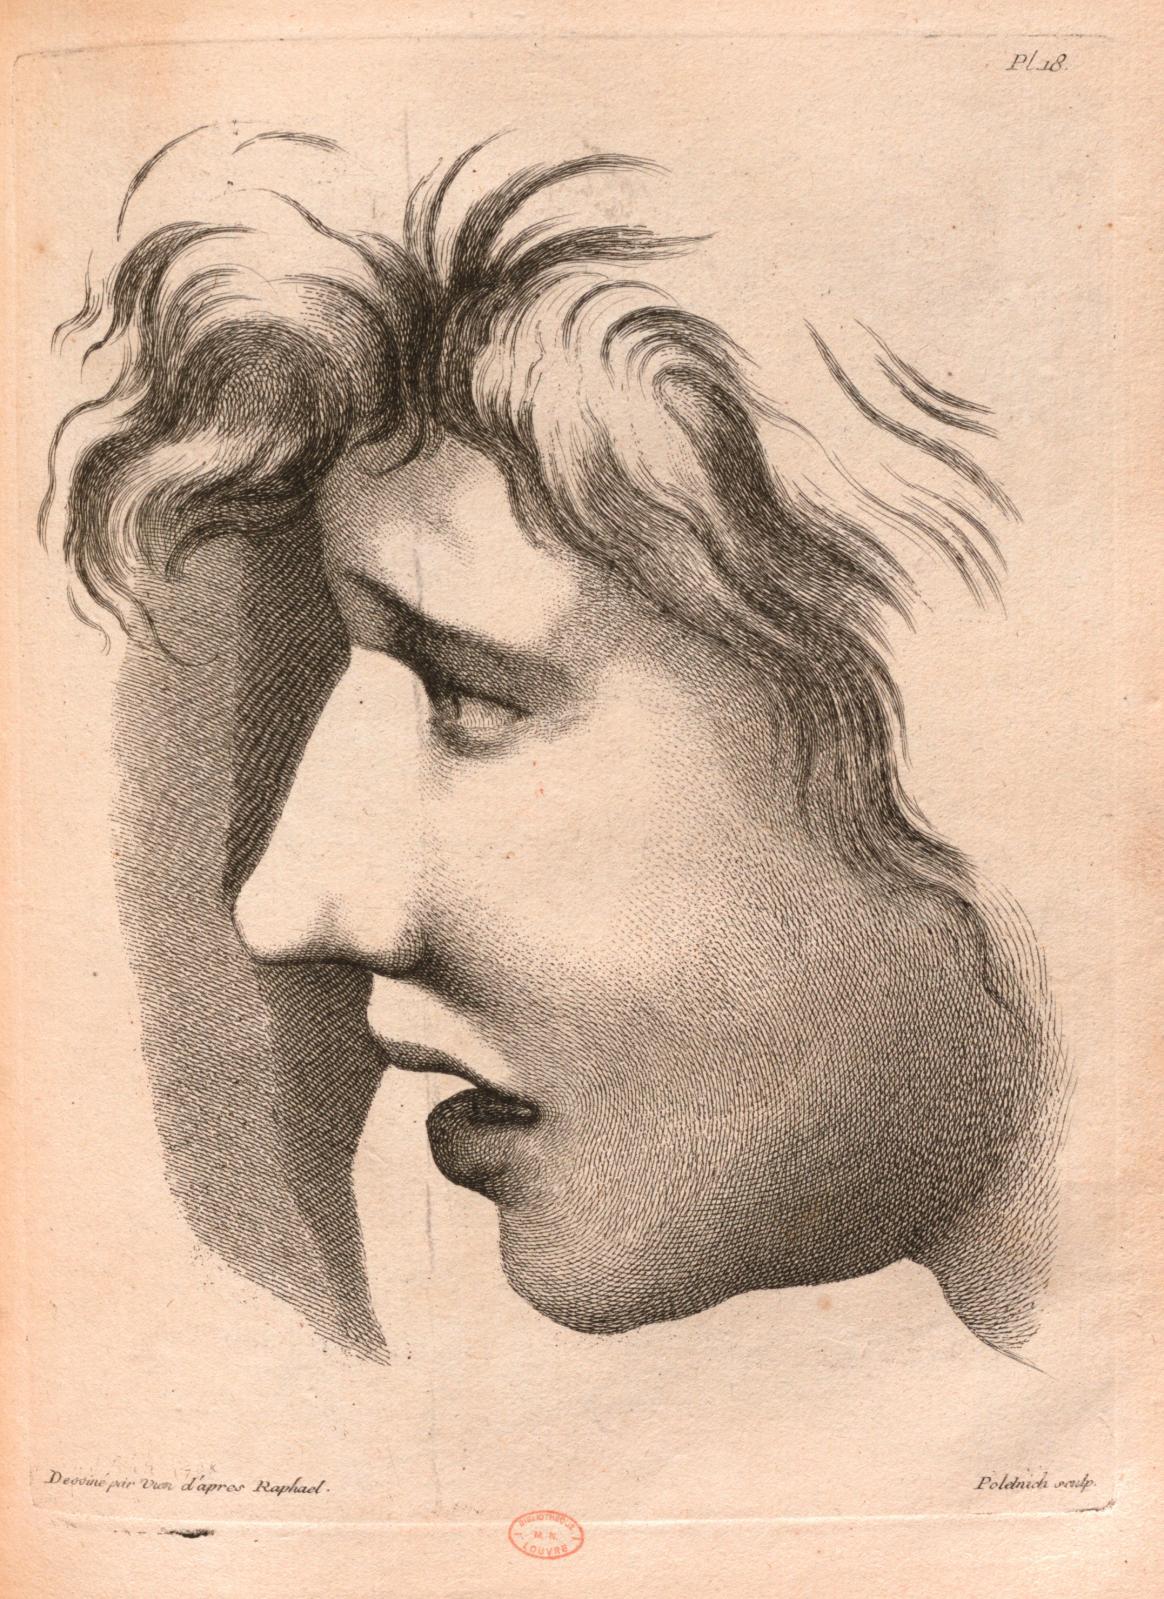 Joseph-Marie Vien d'après Raphaël, planche n°18 de la Méthode pour apprendre le desseinpar Charles-Antoine Jombert, eau-forte et burin,